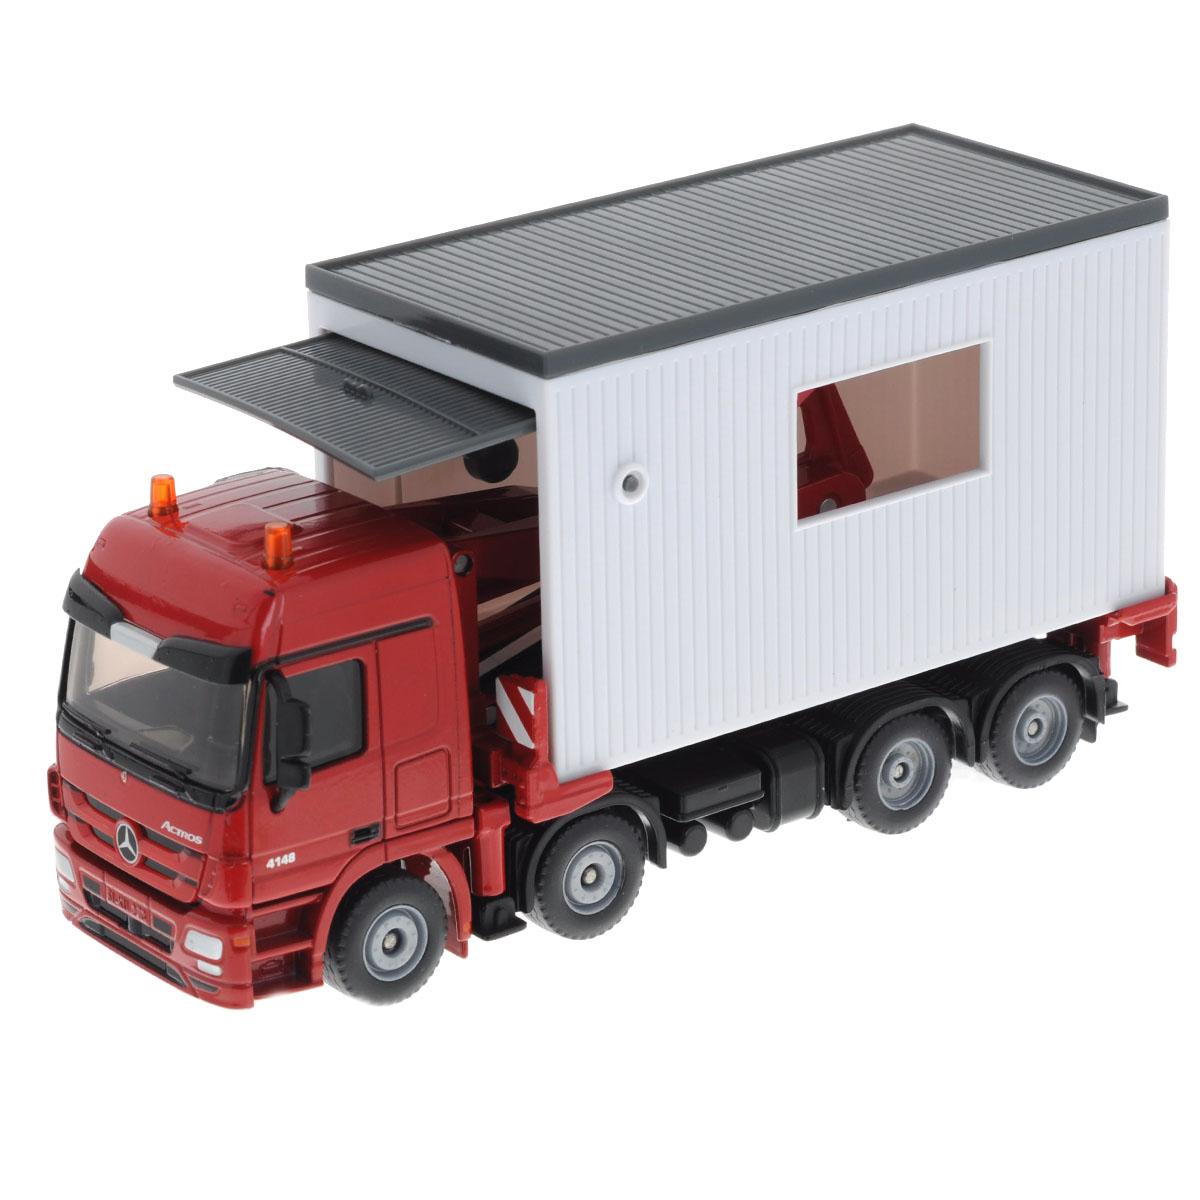 """Коллекционная модель Siku """"Траспортер с гаражом"""" выполнена в виде точной копии транспортера с гаражом в масштабе 1/50. Такая модель понравится не только ребенку, но и взрослому коллекционеру и приятно удивит вас высочайшим качеством исполнения. Кабина, корпус транспортера и шасси гаража выполнены из металла. Гараж выполнен из пластика. Транспортер может выдвигаться, подниматься вверх и вниз. Колесики модели вращаются. Коллекционная модель отличается великолепным качеством исполнения и детальной проработкой, она станет не только интересной игрушкой для ребенка, интересующегося агротехникой, но и займет достойное место в коллекции."""